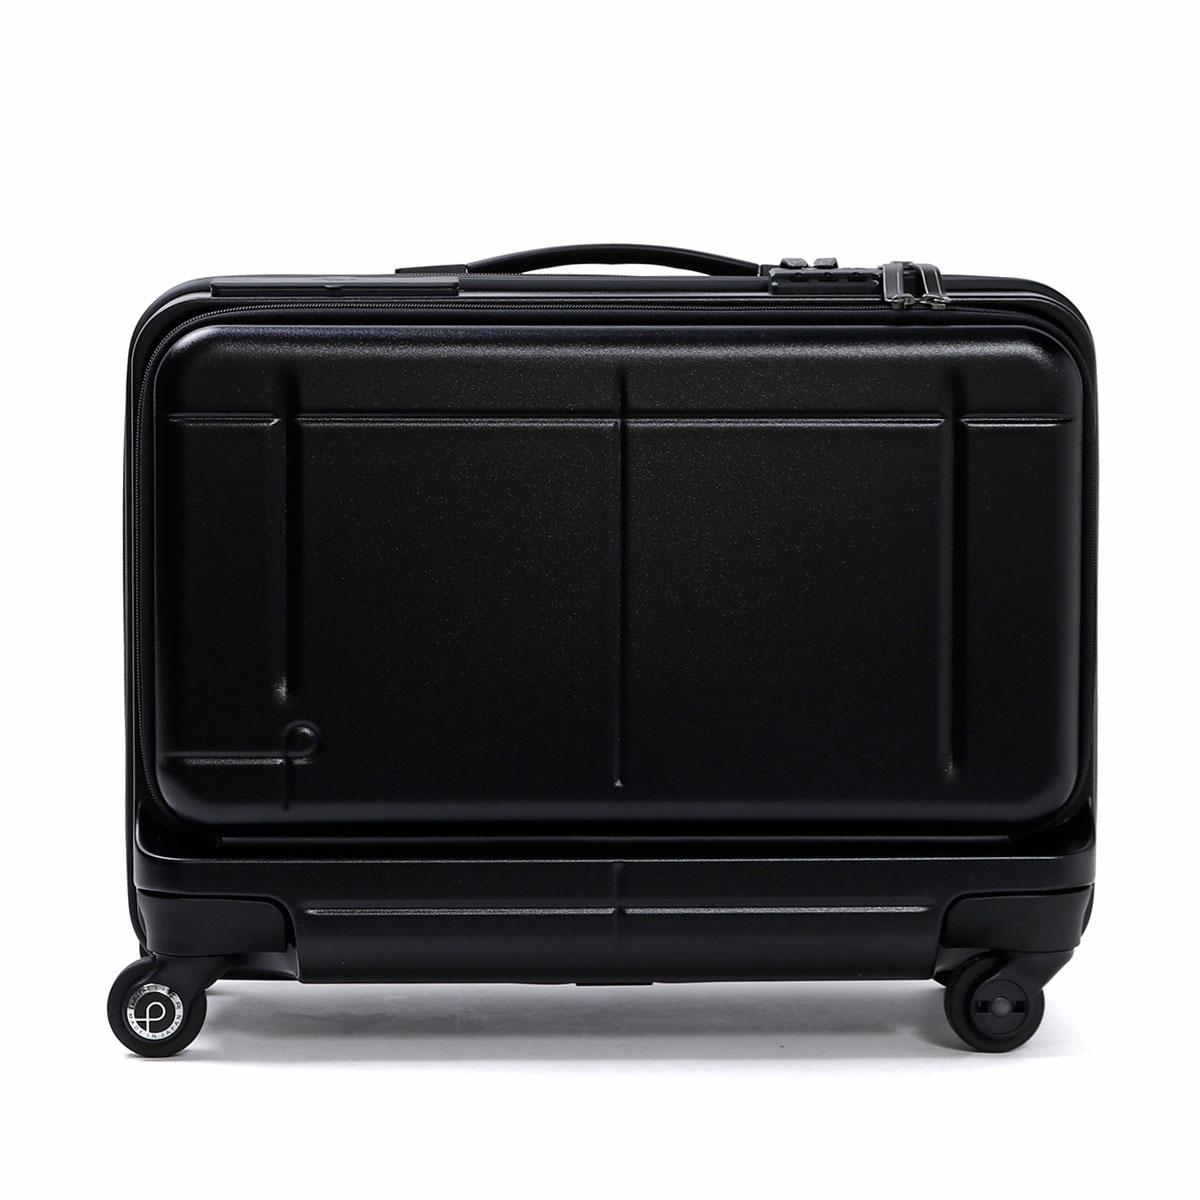 「セール50%OFF」プロテカ スーツケース PROTeCA 機内持ち込み 36L マックスパス MAXPASS Biz SMART マックスパスビズスマート 1〜2泊 キャリーケース 小型 ハード 出張 旅行 充電 バッテリー スマートフォン連携 エース